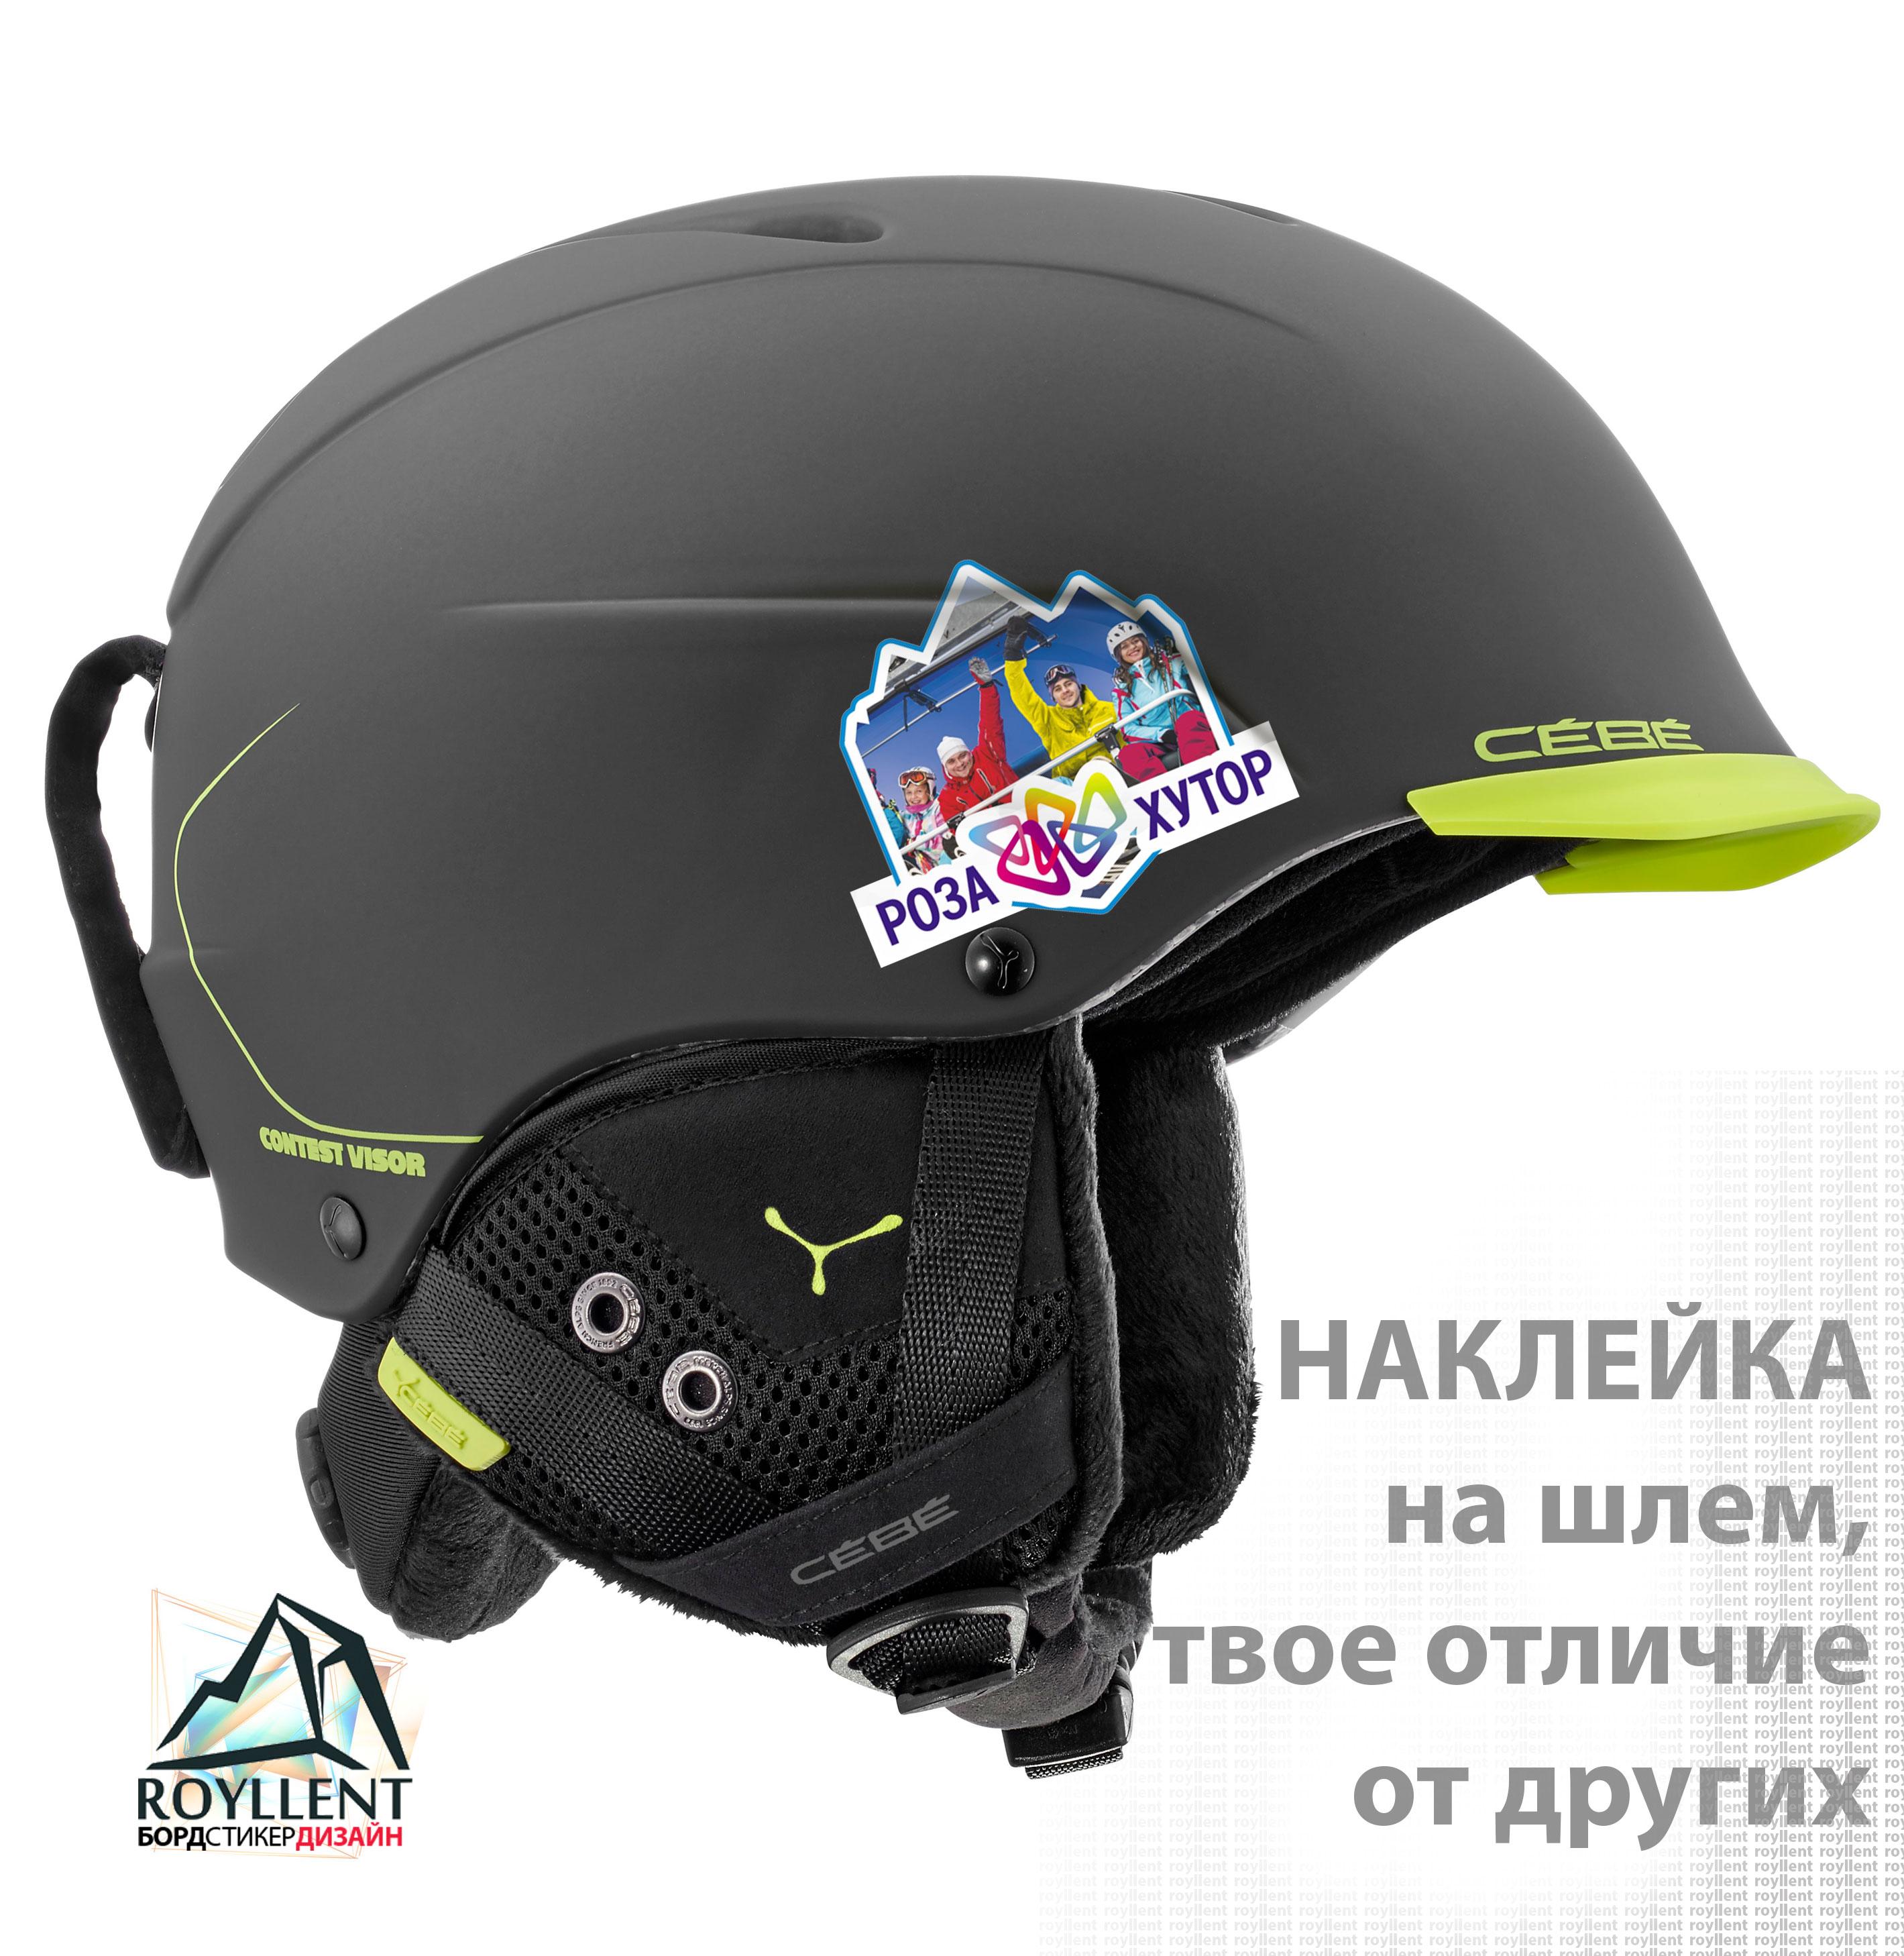 Роза хутор - наклейка на ваш горнолыжный шлем или сноуборд шлем. Наклейка на шлем, наклейка на горнолыжный шлем, стикер на маску, наклейка на шлемак, наклейка на шлем сноуборда